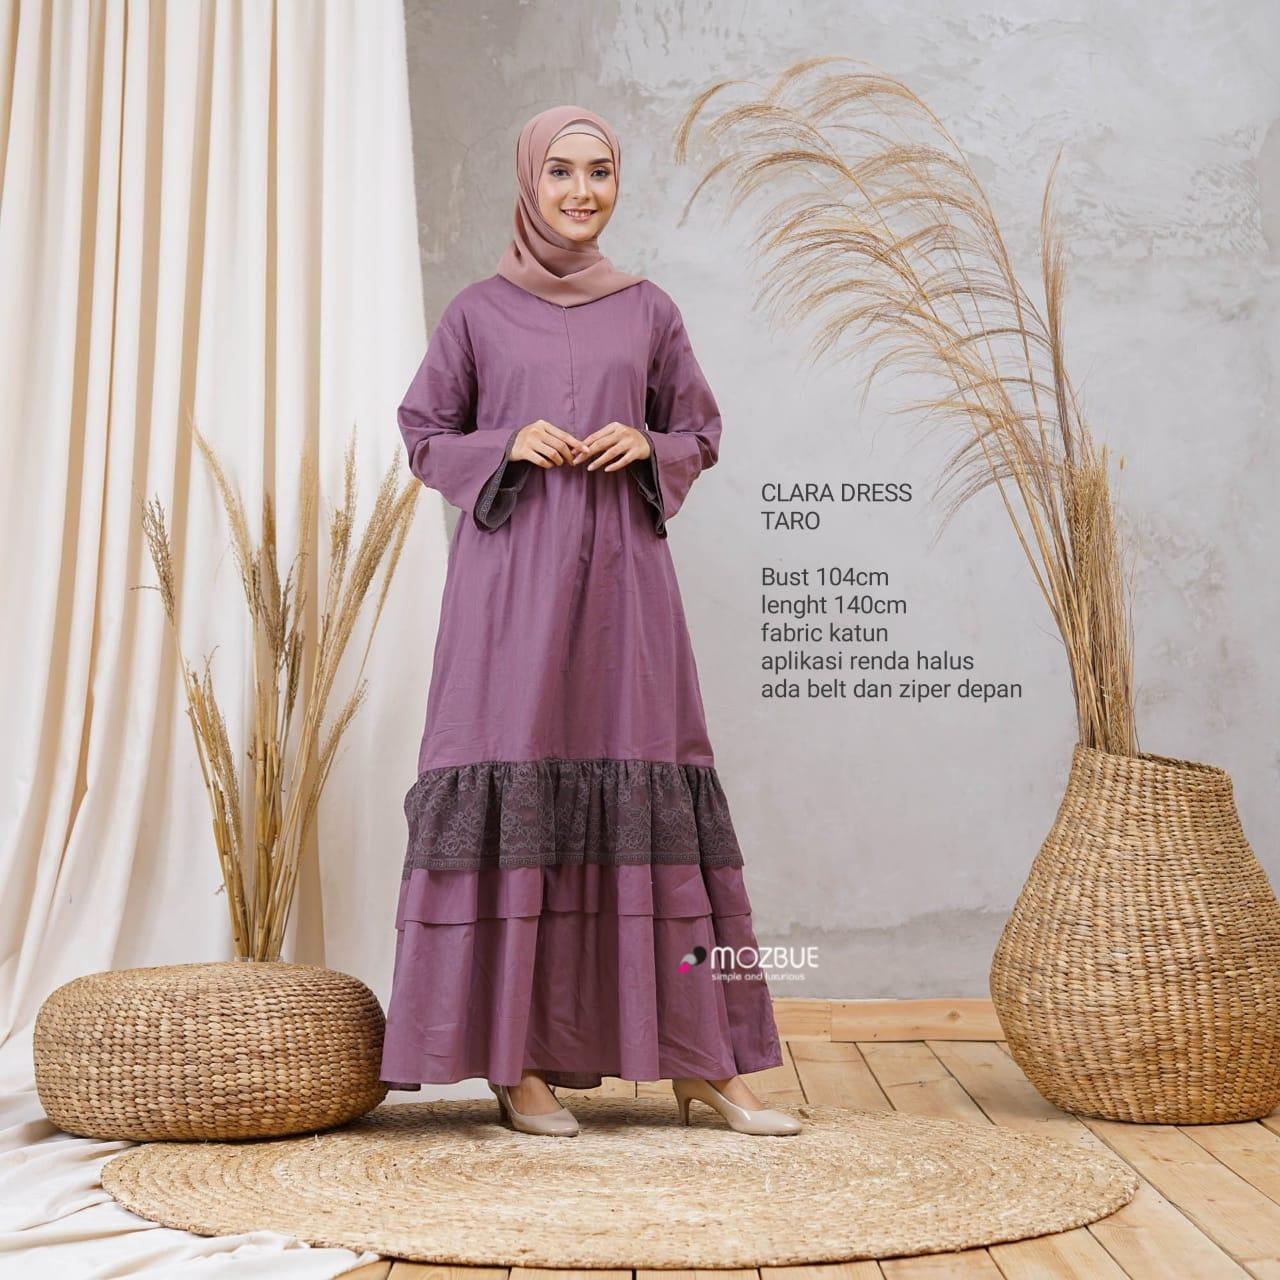 Clara Dress Warna Taro